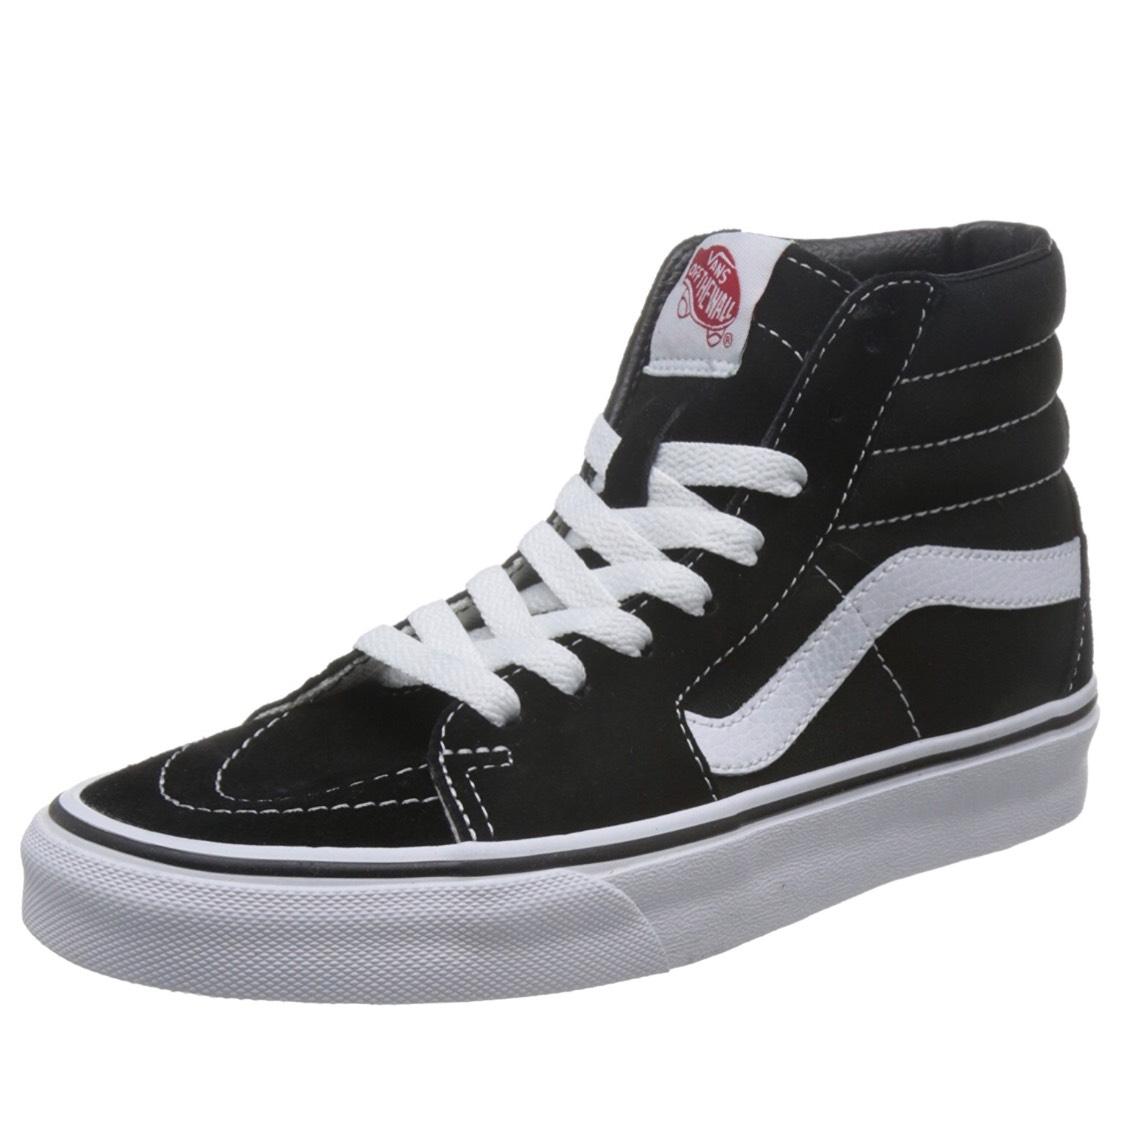 VANS Sk8-Hi Sneakers Schwarz Unisex